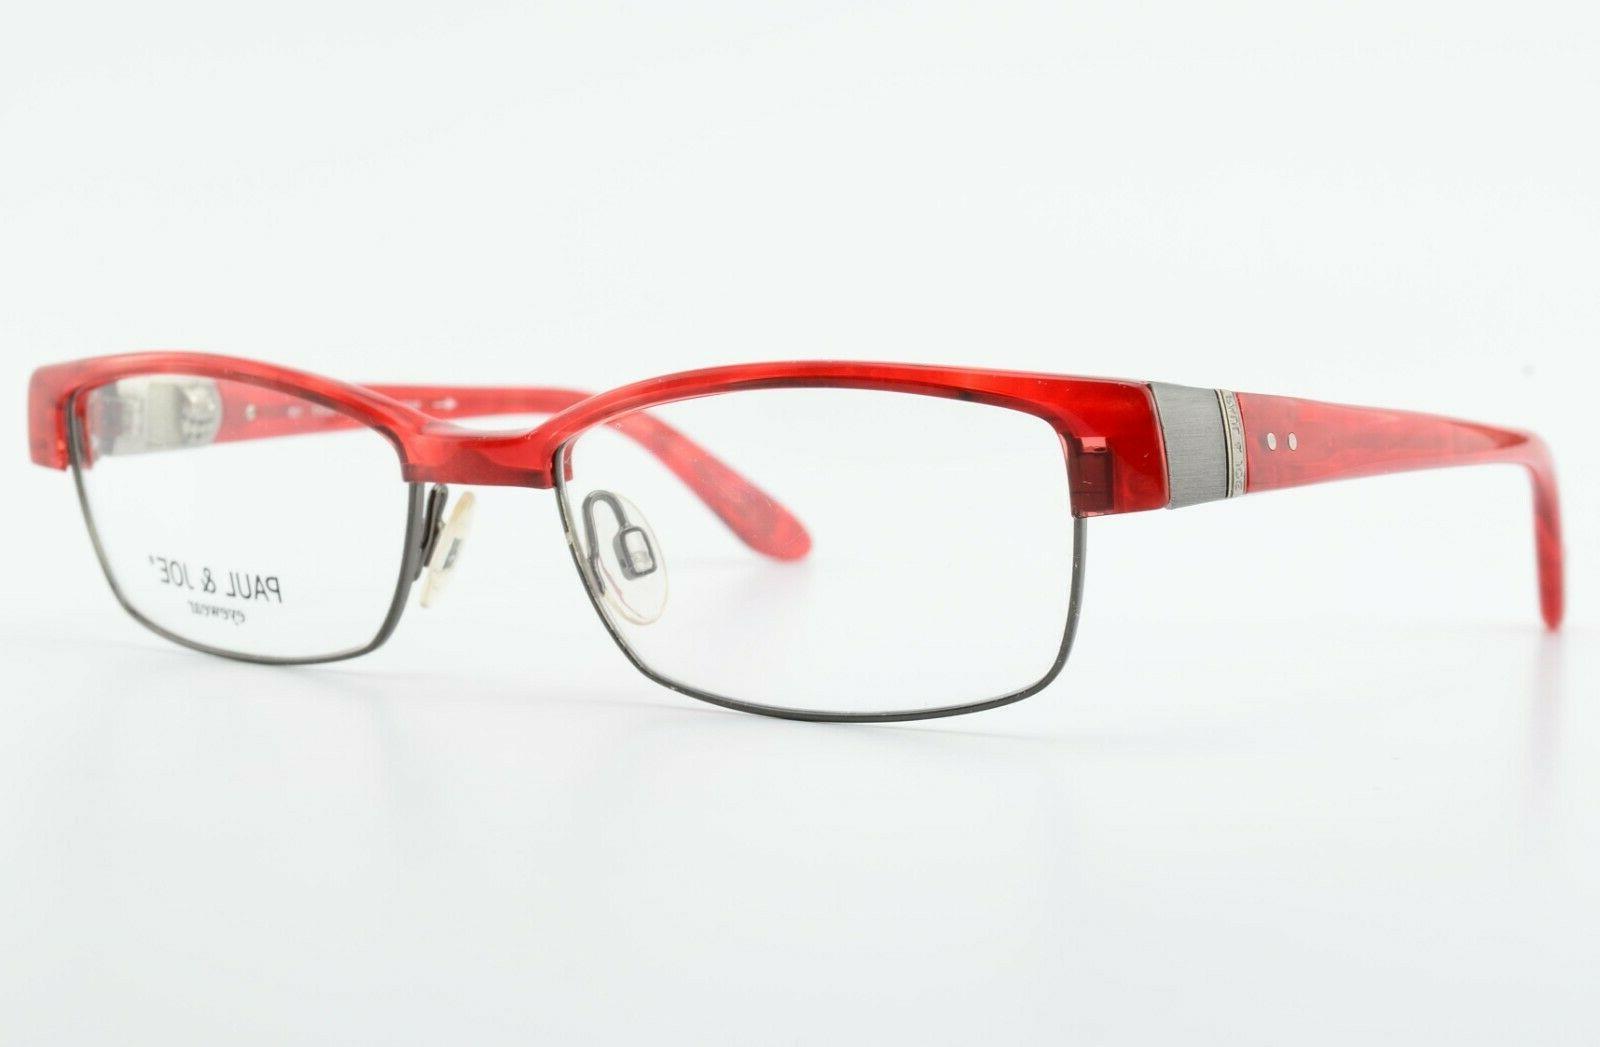 Paul & Joe Eyewear Glasses Sagesse 52 Eye